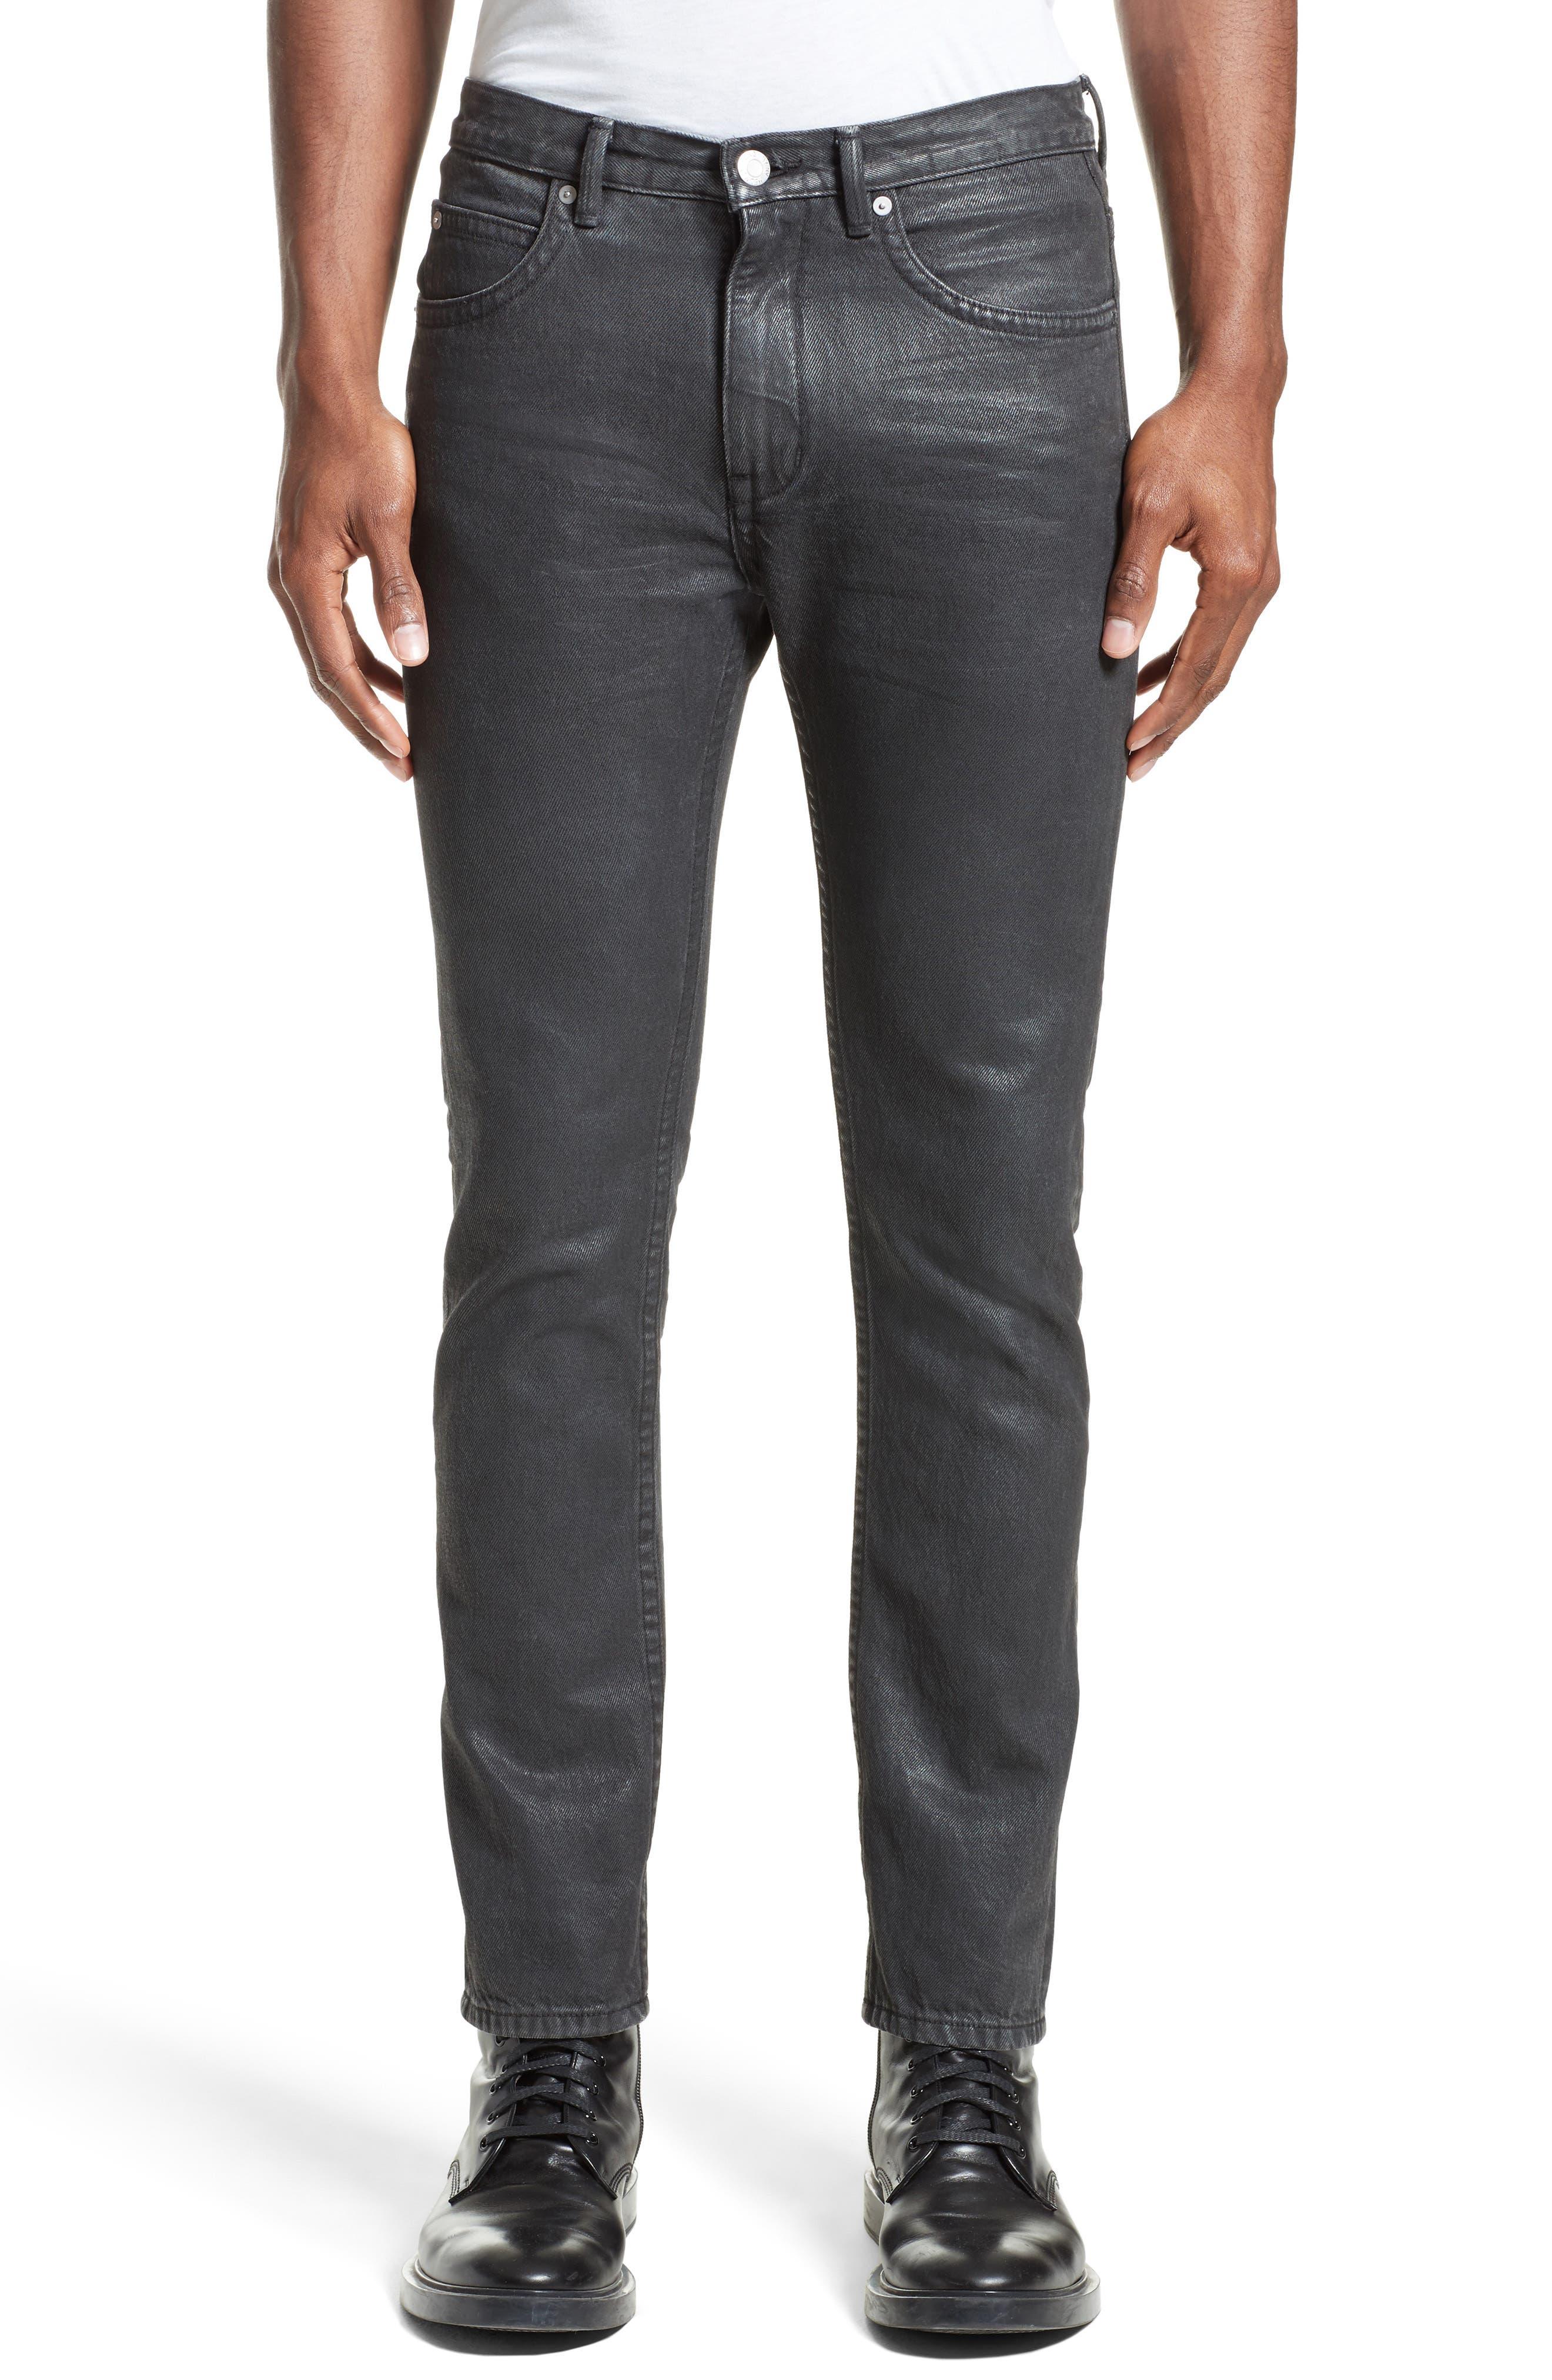 MR 87 Jeans,                             Main thumbnail 1, color,                             006